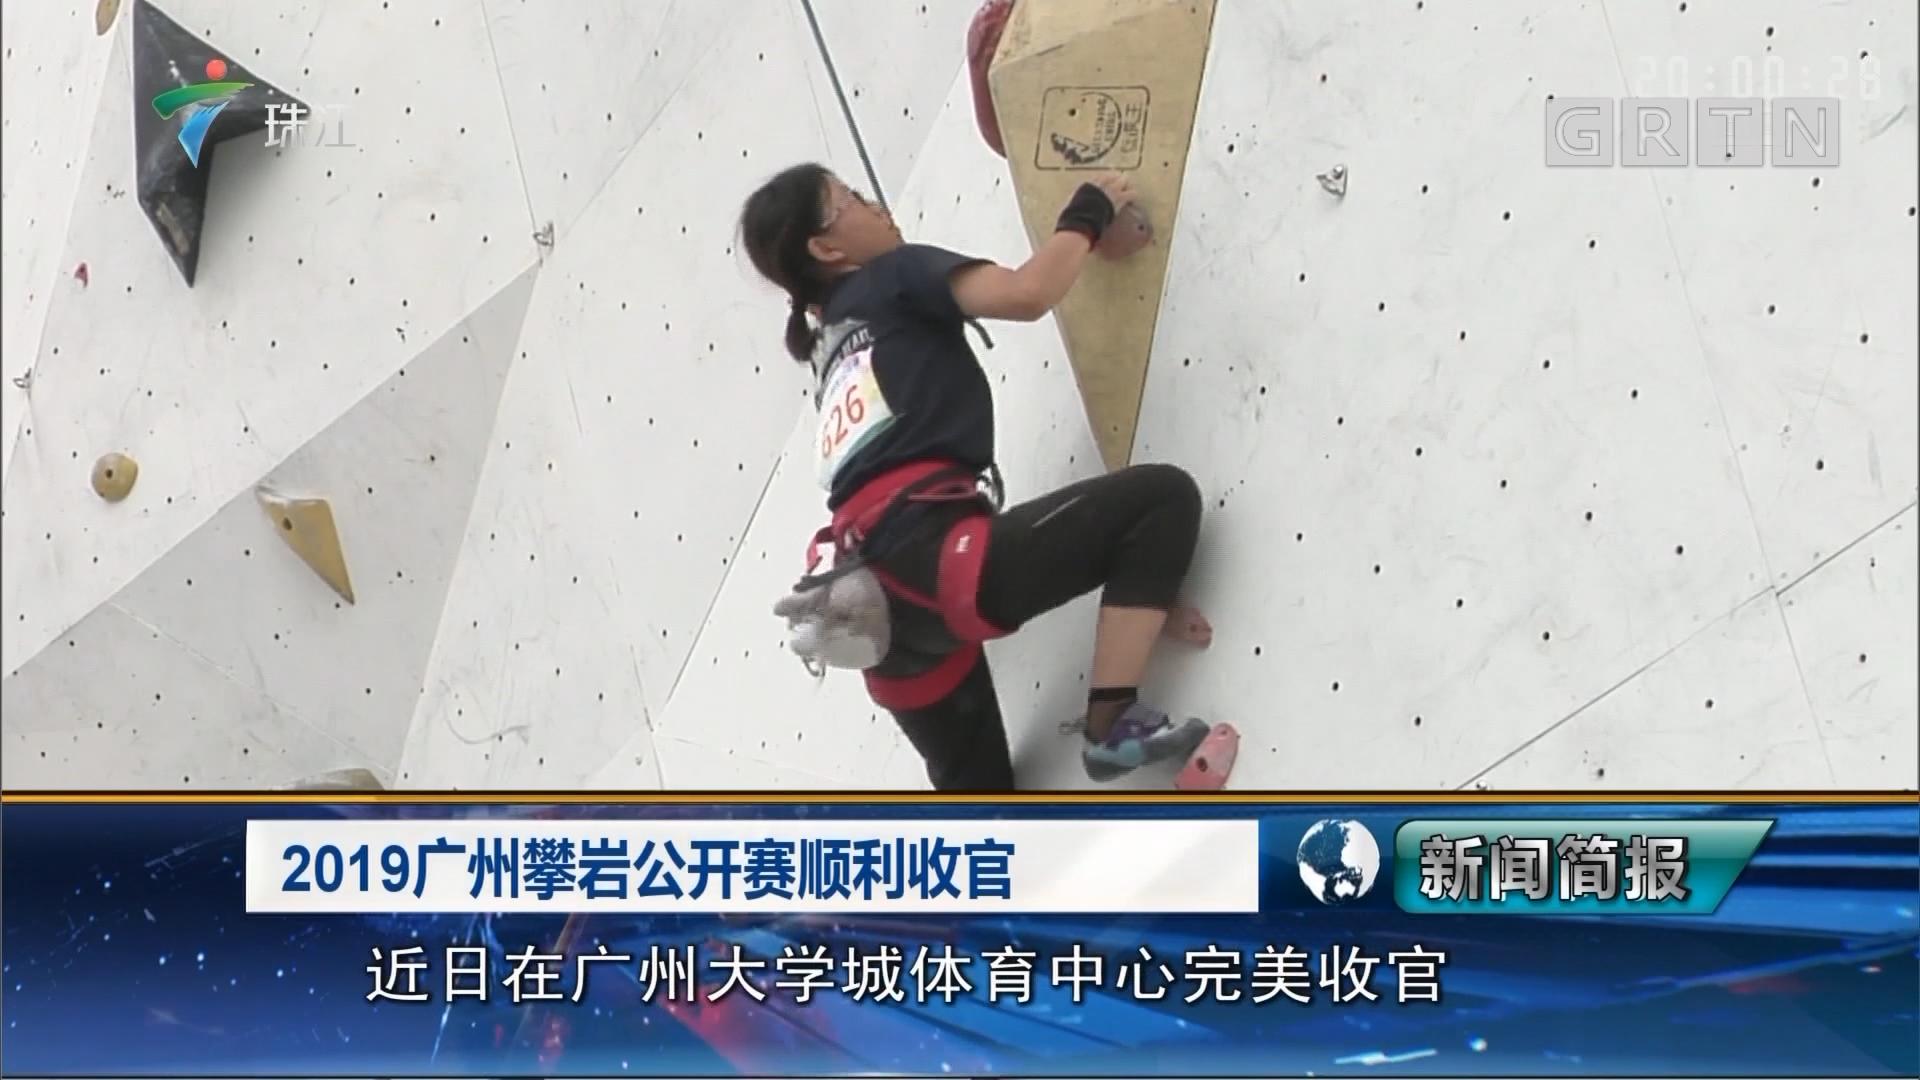 2019广州攀岩公开赛顺利收官